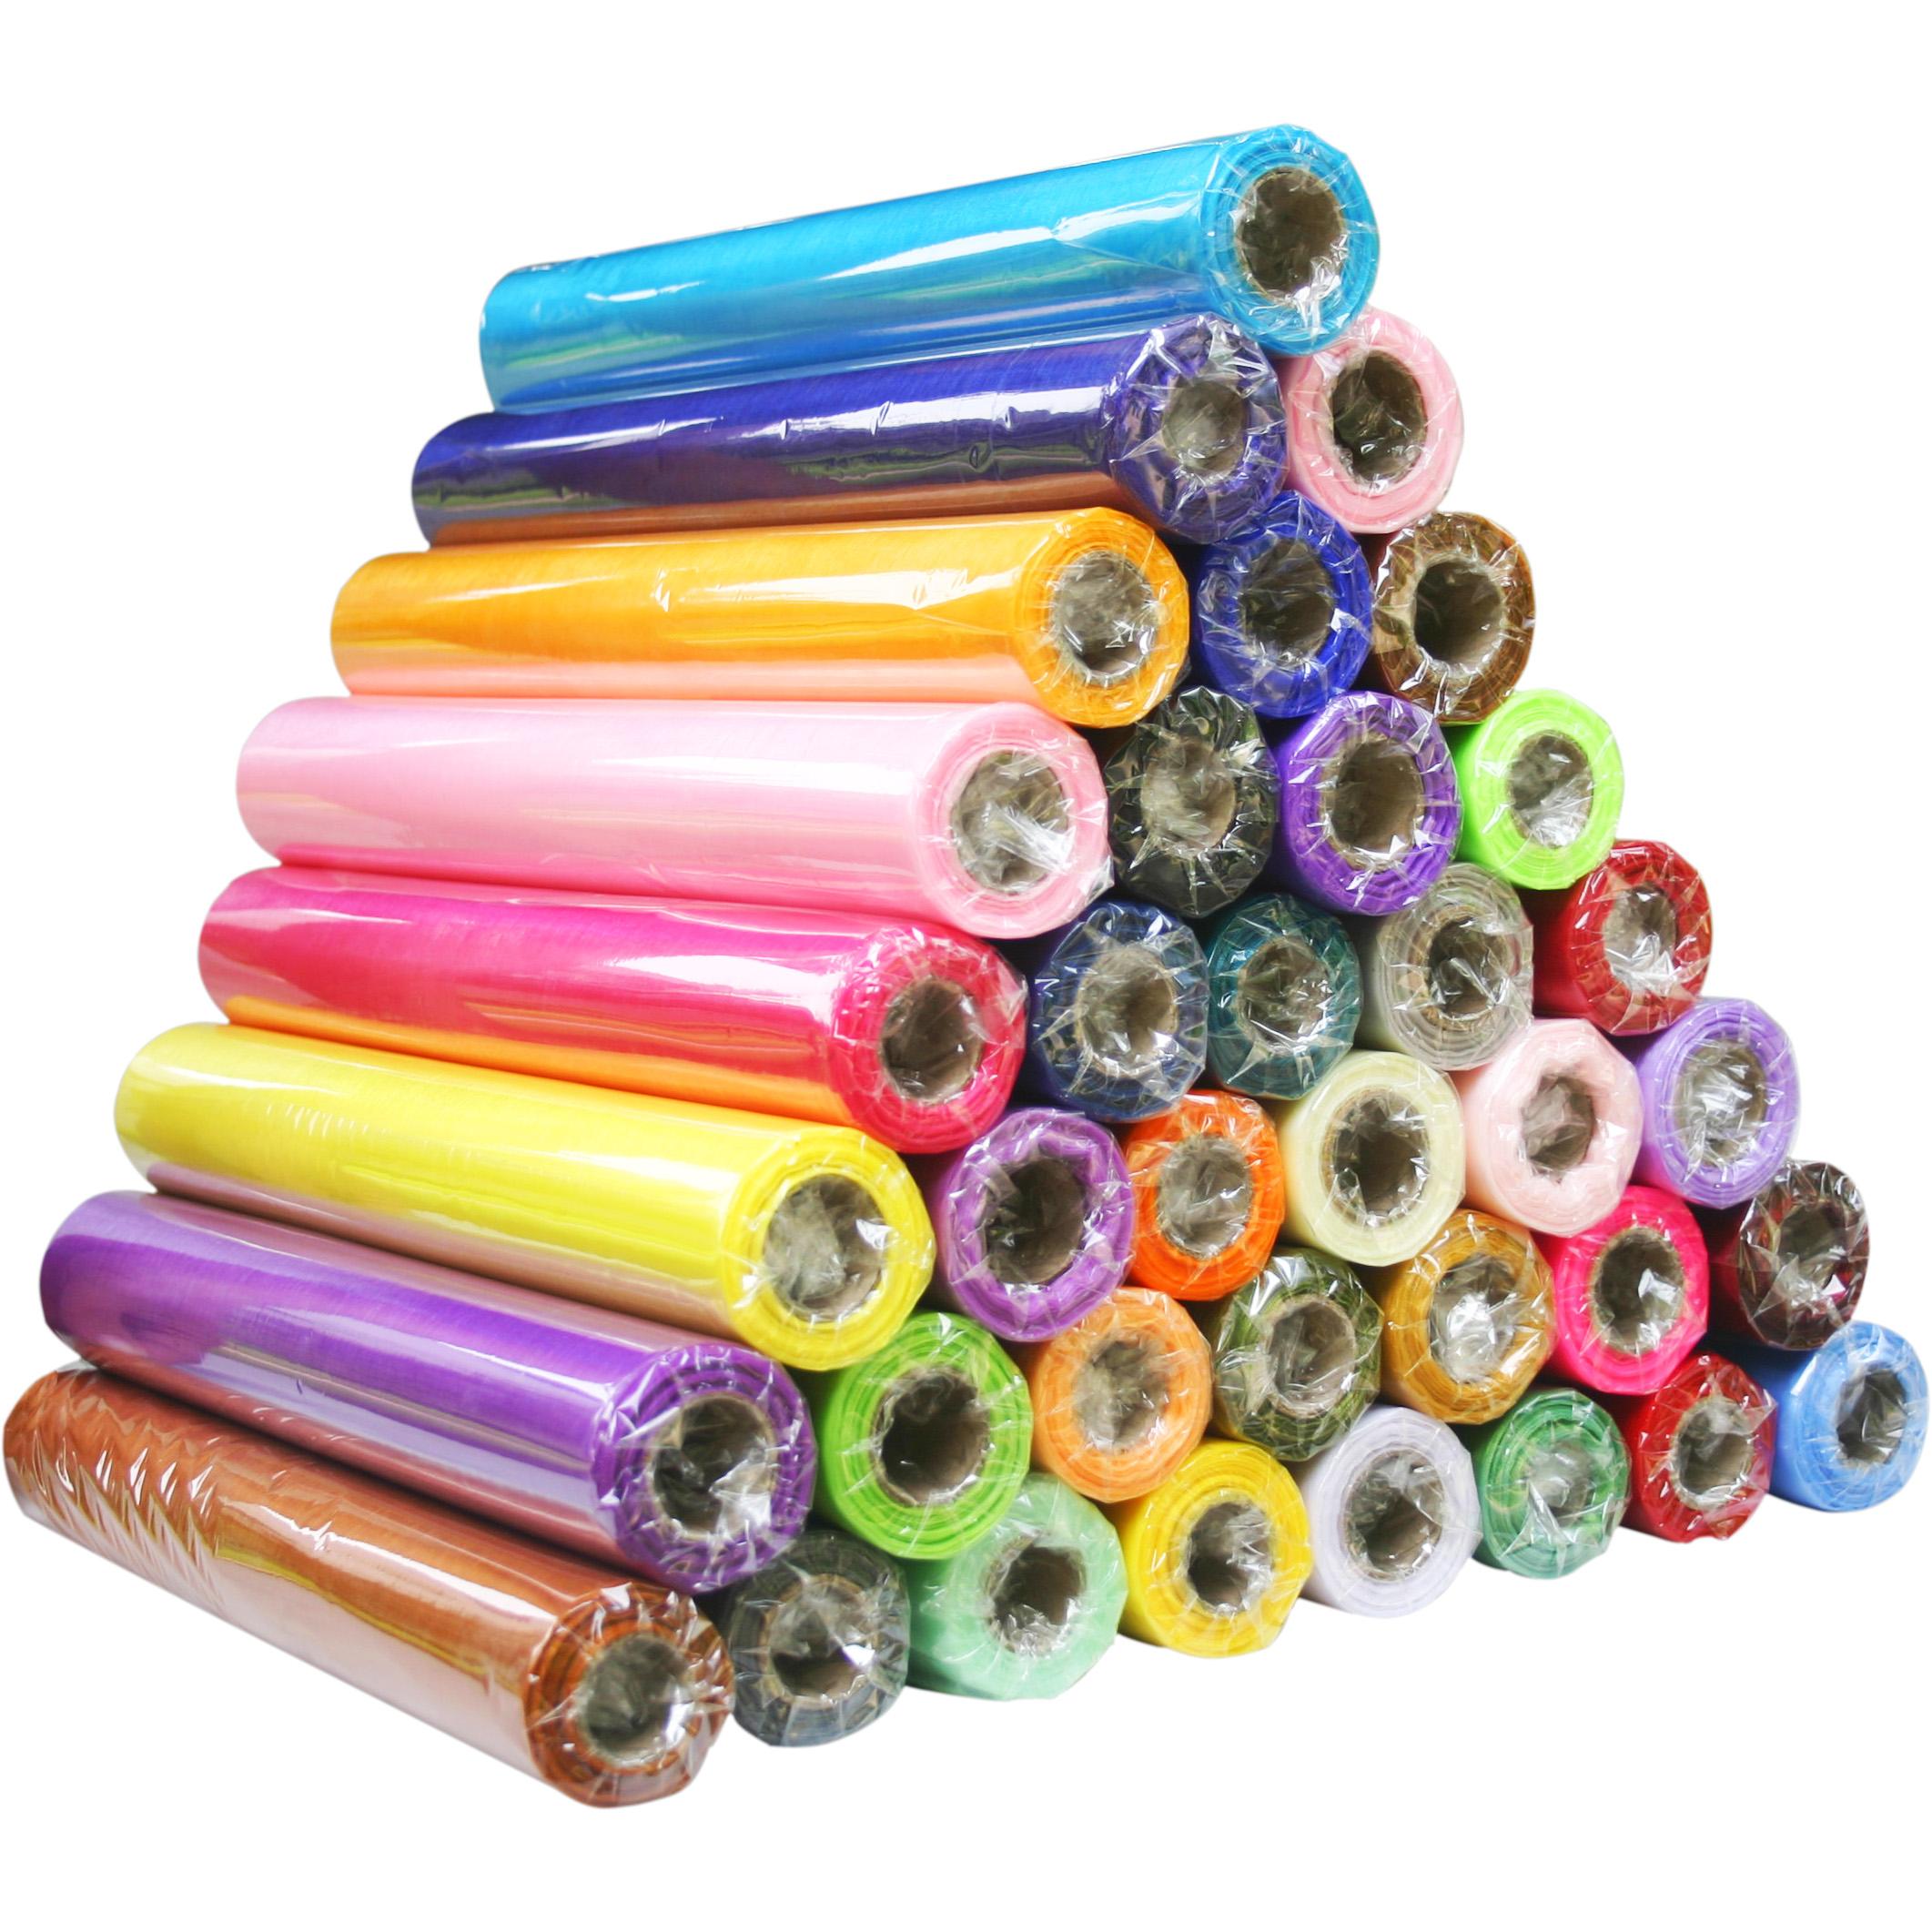 26m organza rolle stoff 29cm tischl ufer farben event deko hochzeit floristik ebay - Organza dekostoff rollen ...